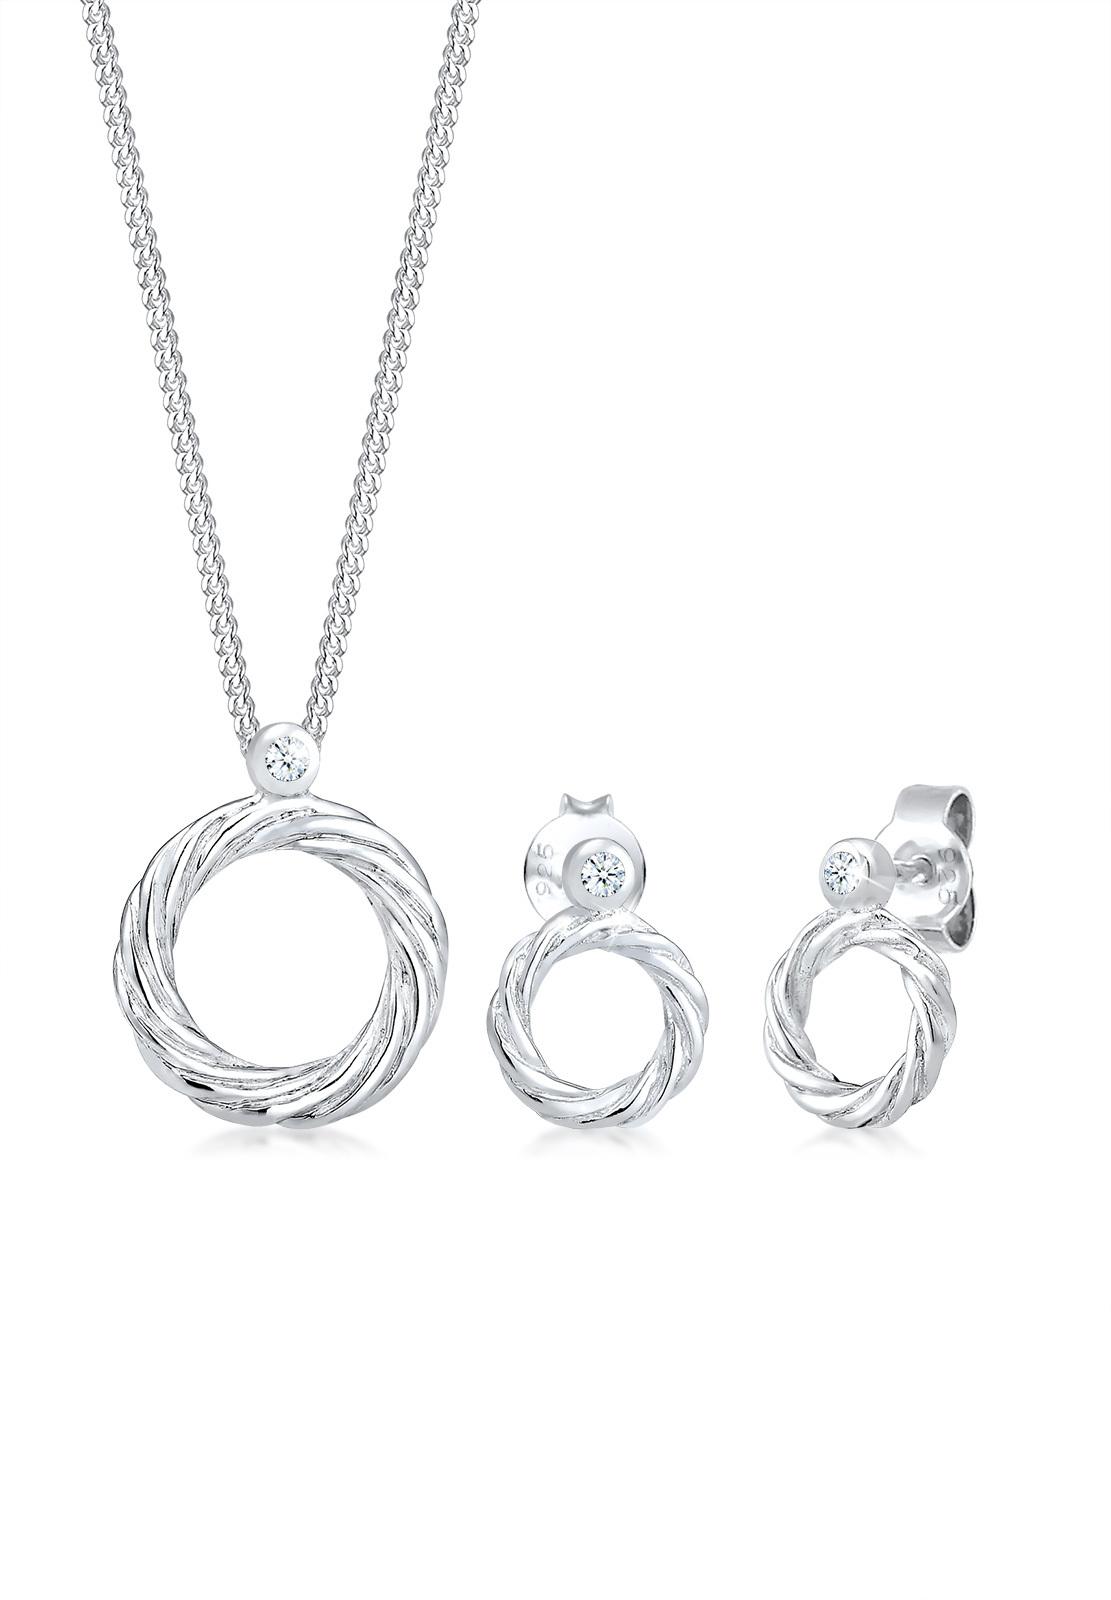 Schmuckset Kreis | Diamant ( Weiß, 0,045 ct ) | 925er Sterling Silber